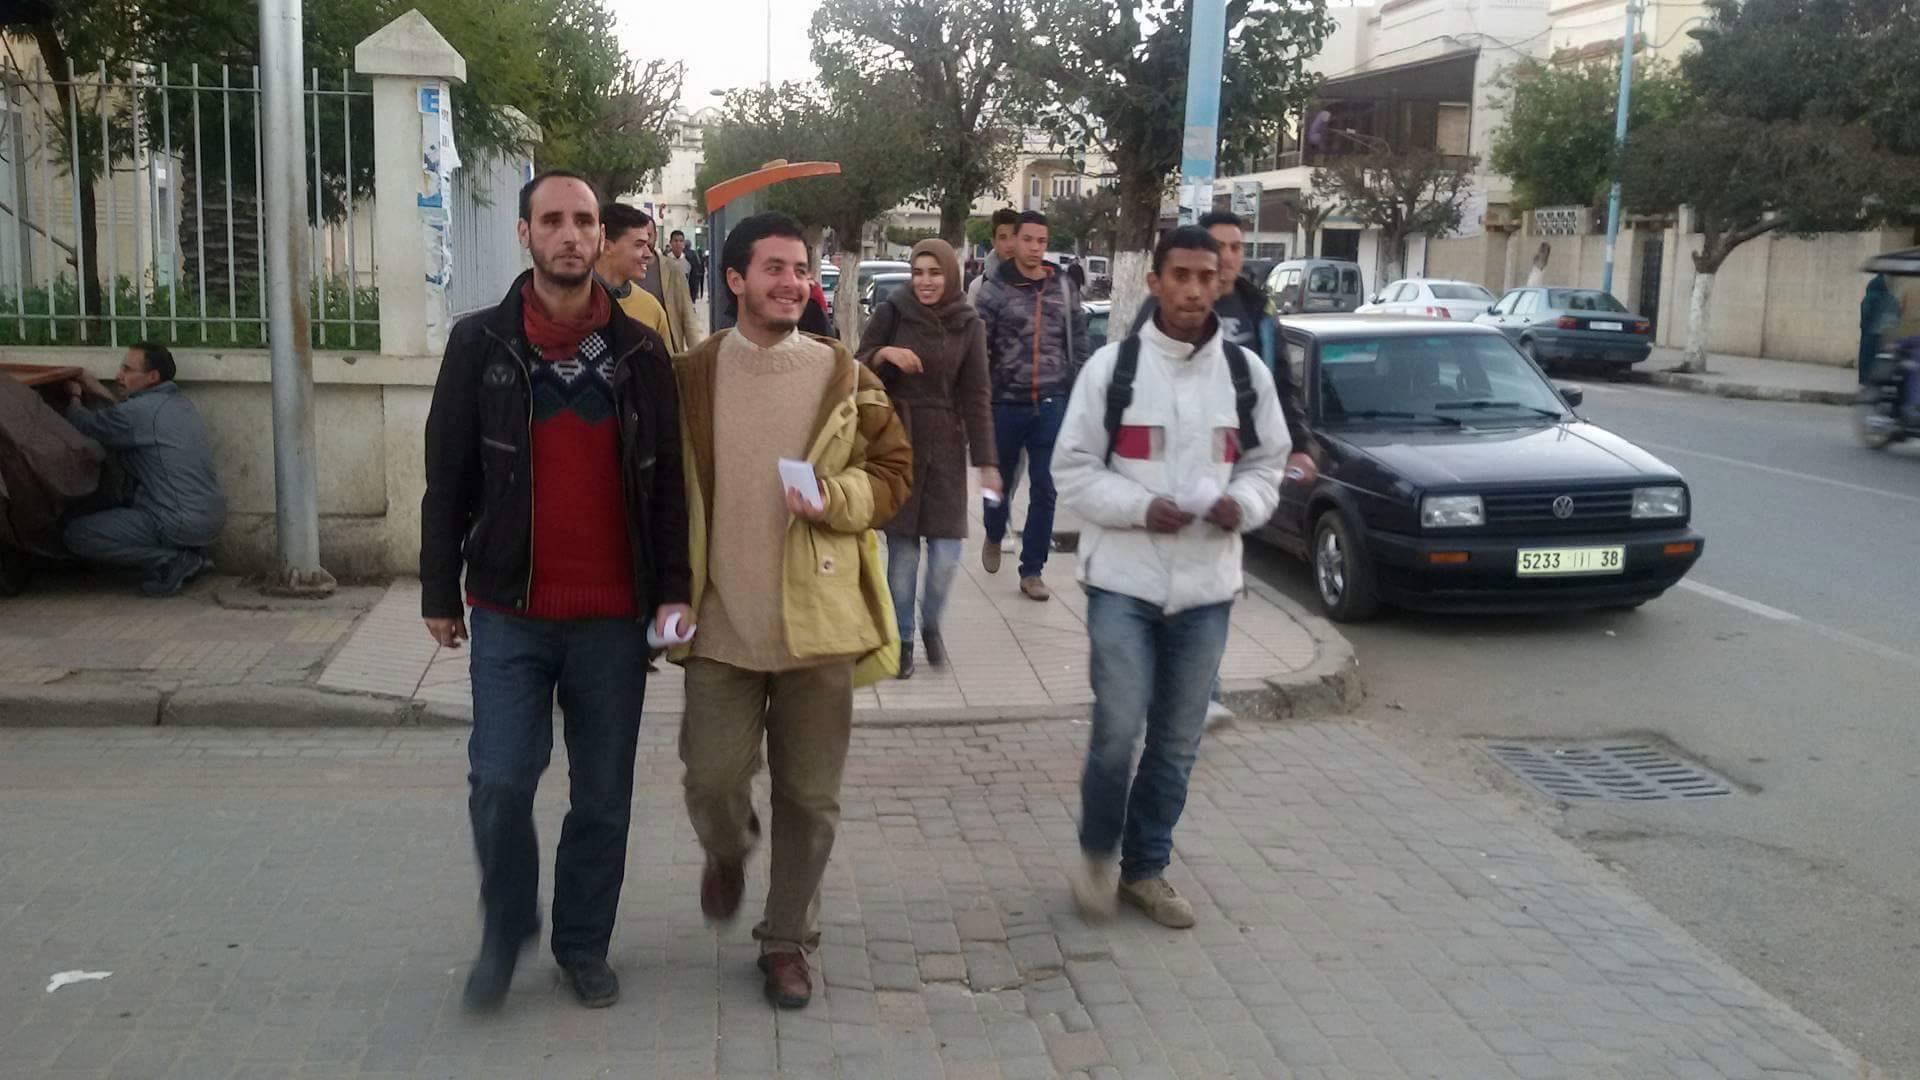 الجمعية الوطنية لحملة الشهادات المعطلين تحتج وسط المدينة